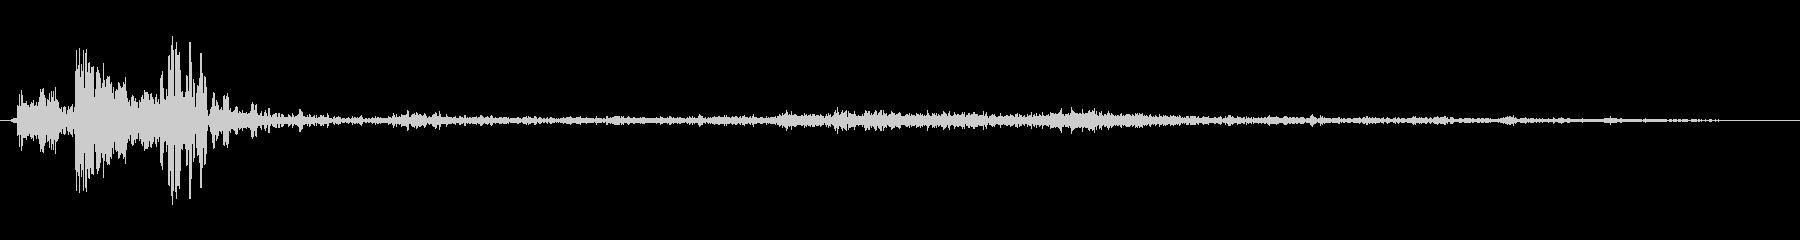 スポン(投げ込まれた音、栓抜きの音)の未再生の波形